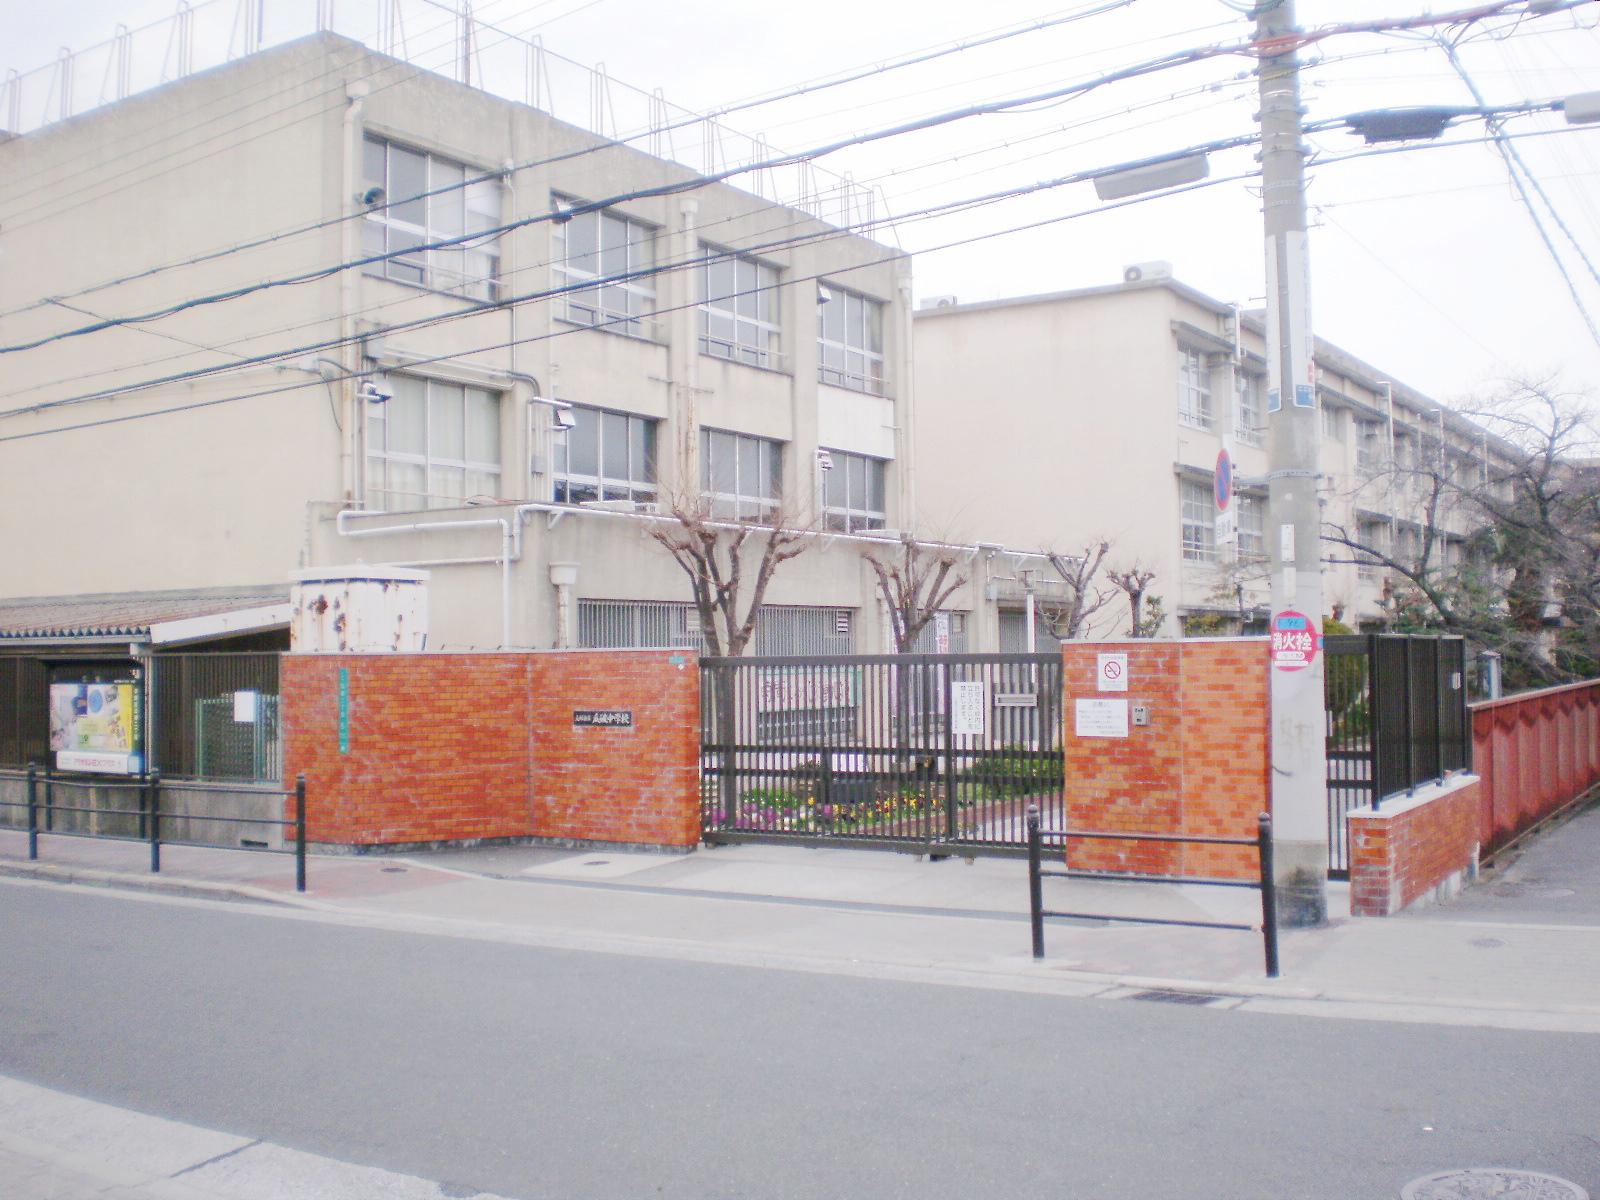 中学校 大阪市立瓜破中学校(中学校)まで459m